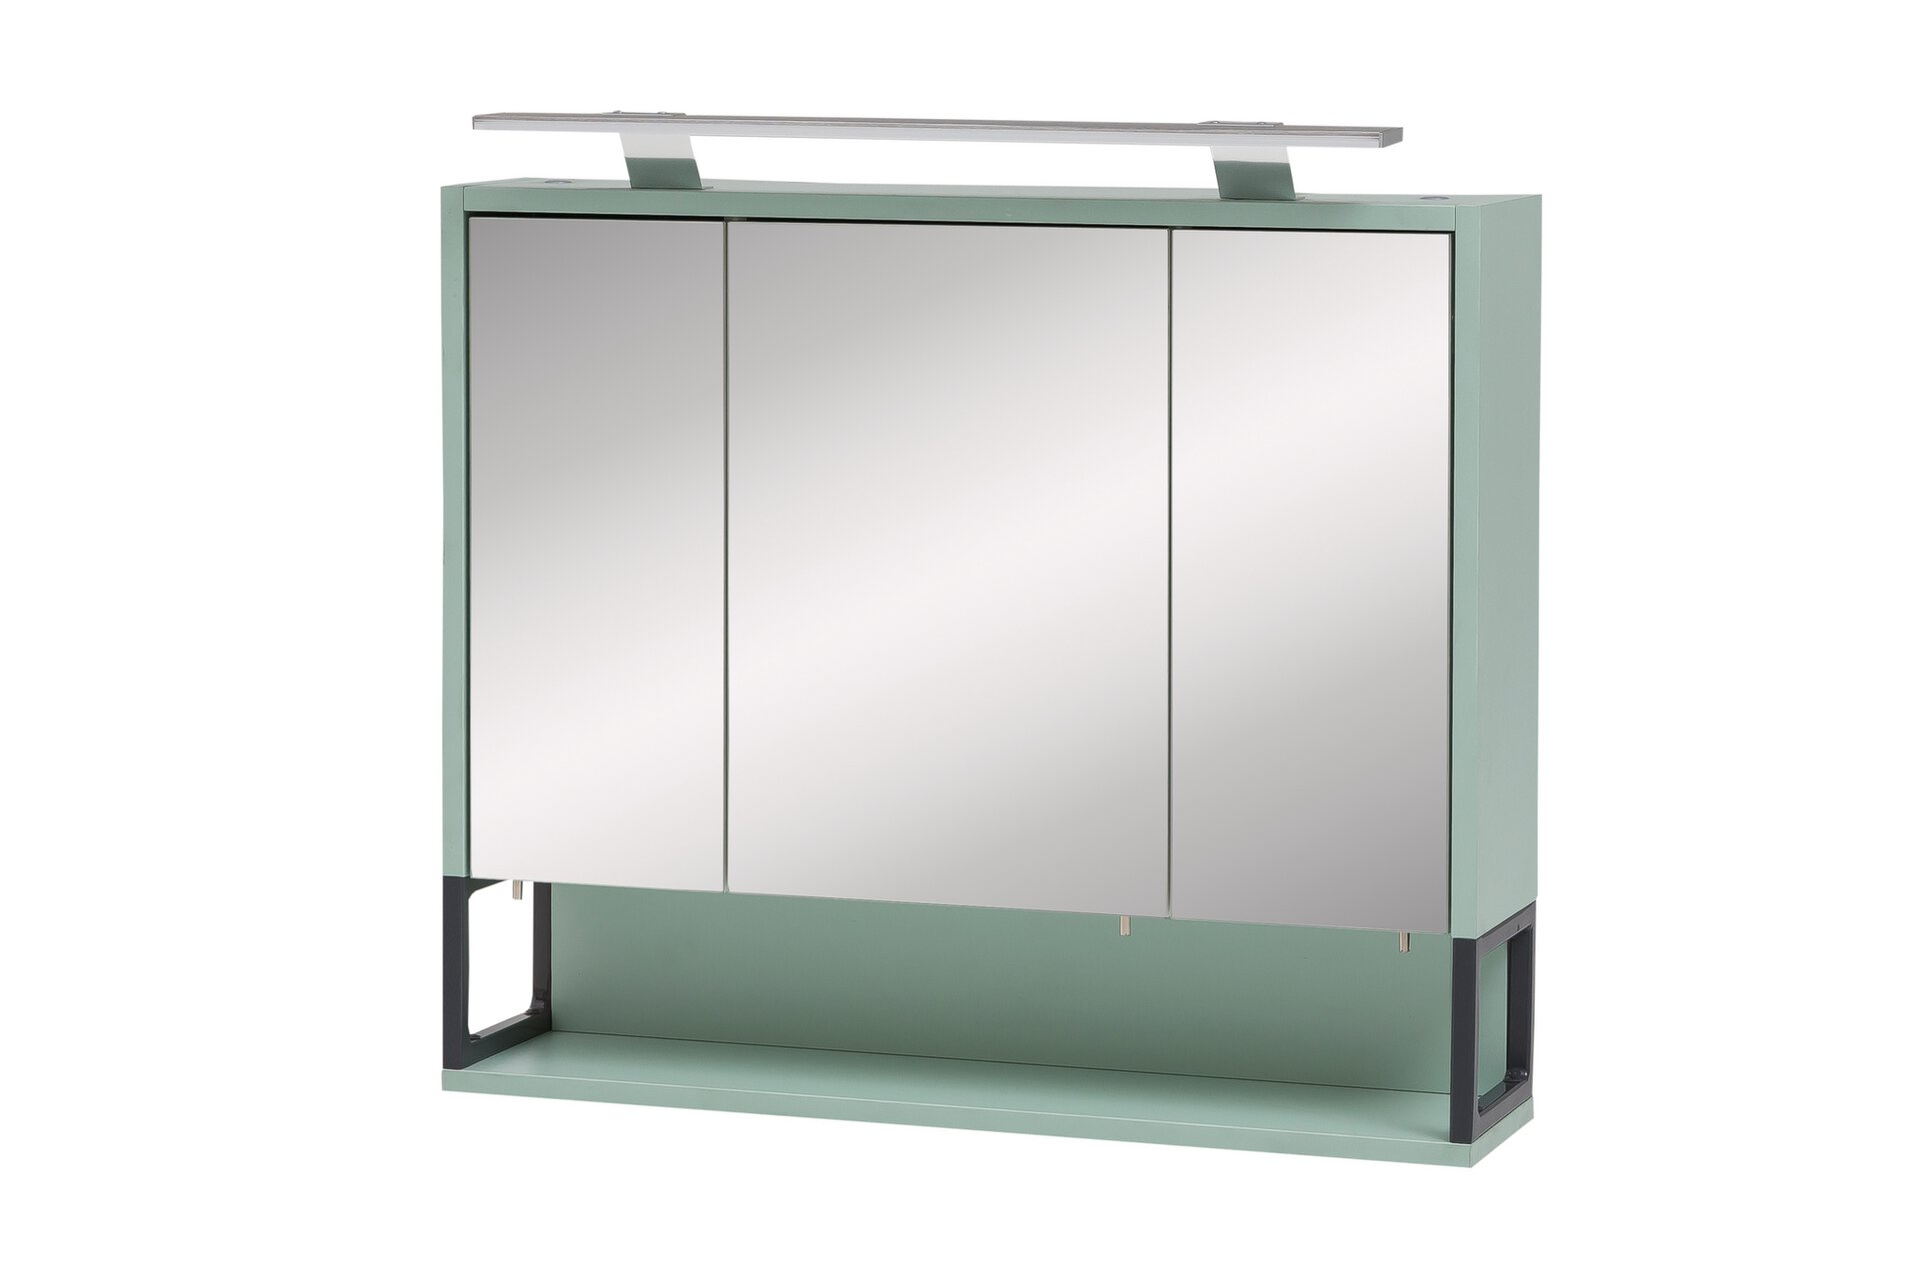 Spiegelschrank Limone Schildmeyer Holzwerkstoff grün